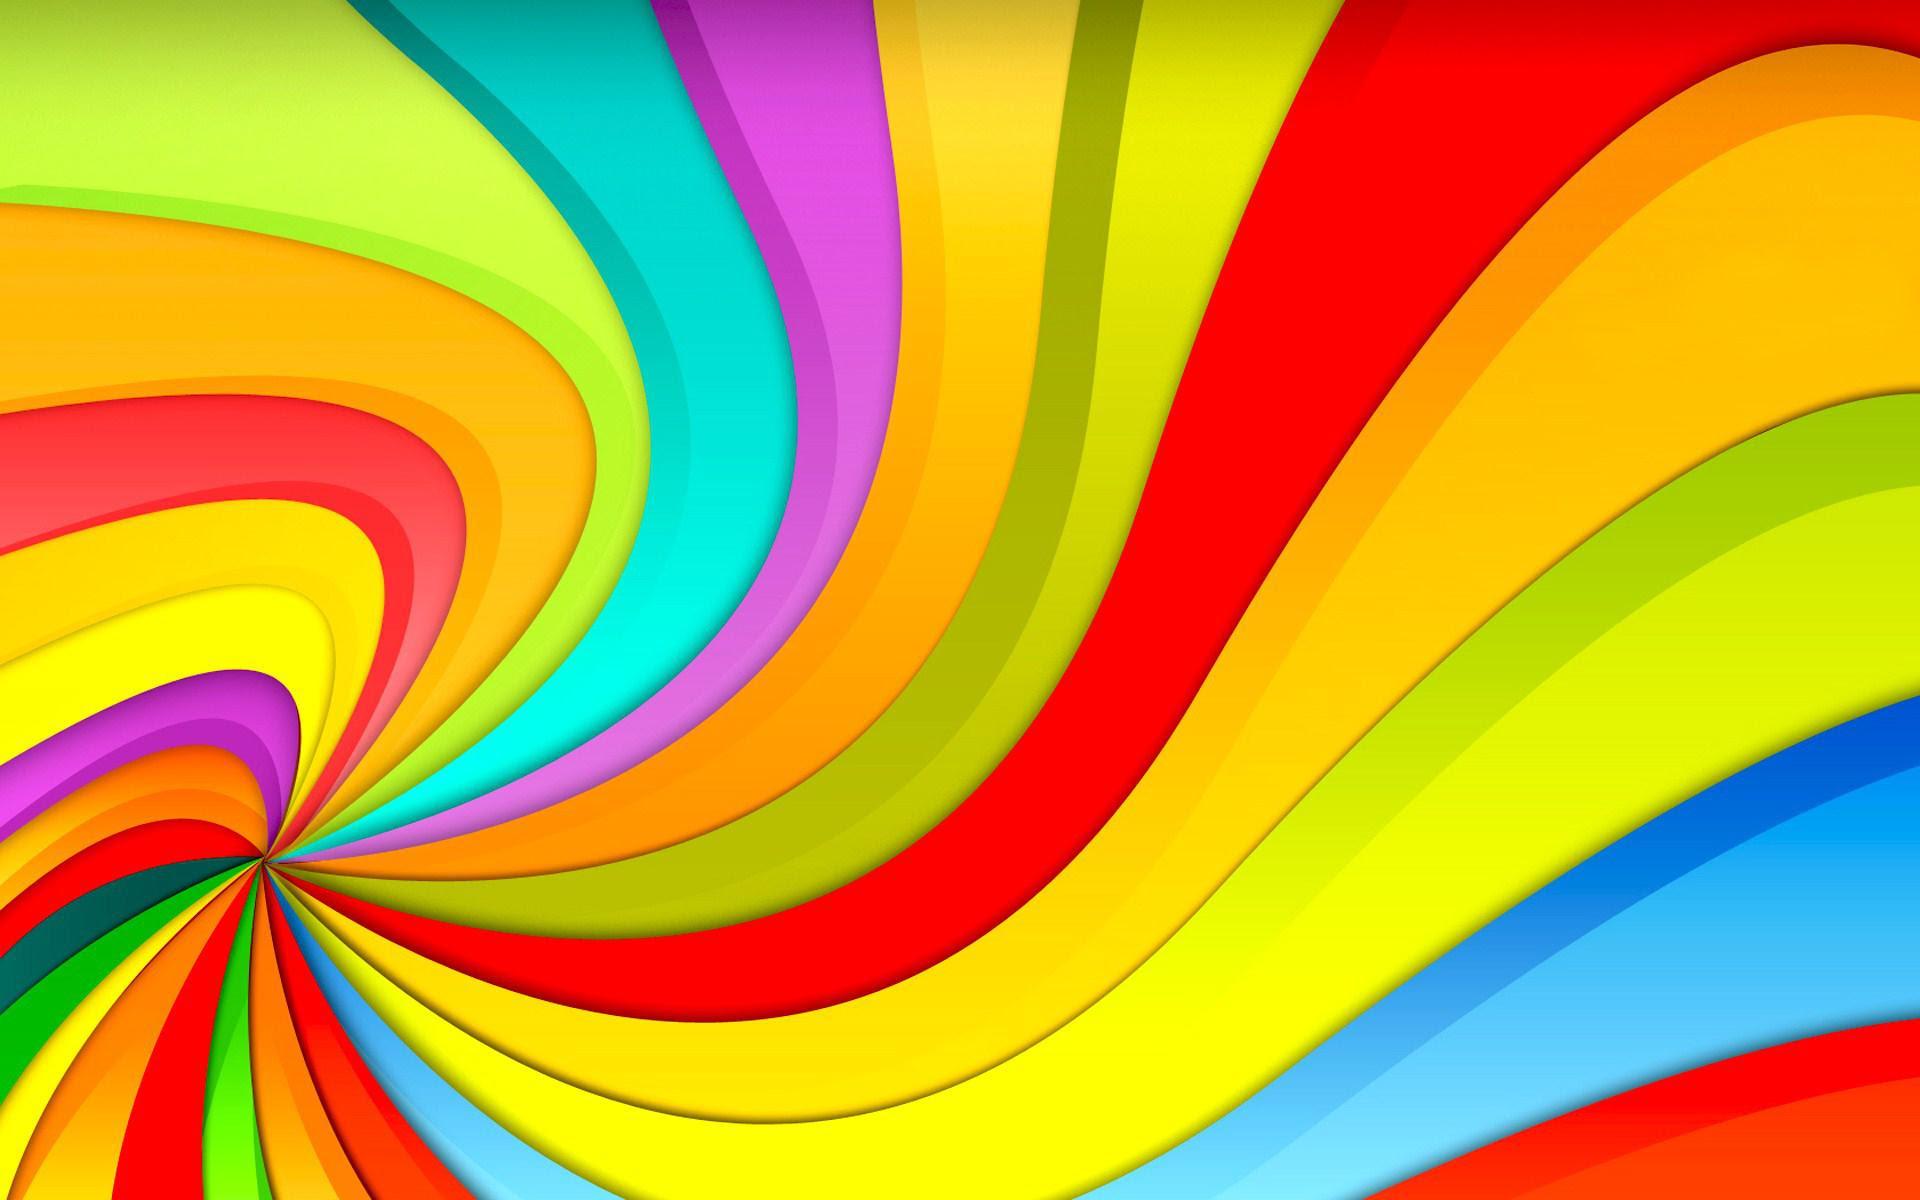 Download 9000 Wallpaper 3d Vector HD Gratis